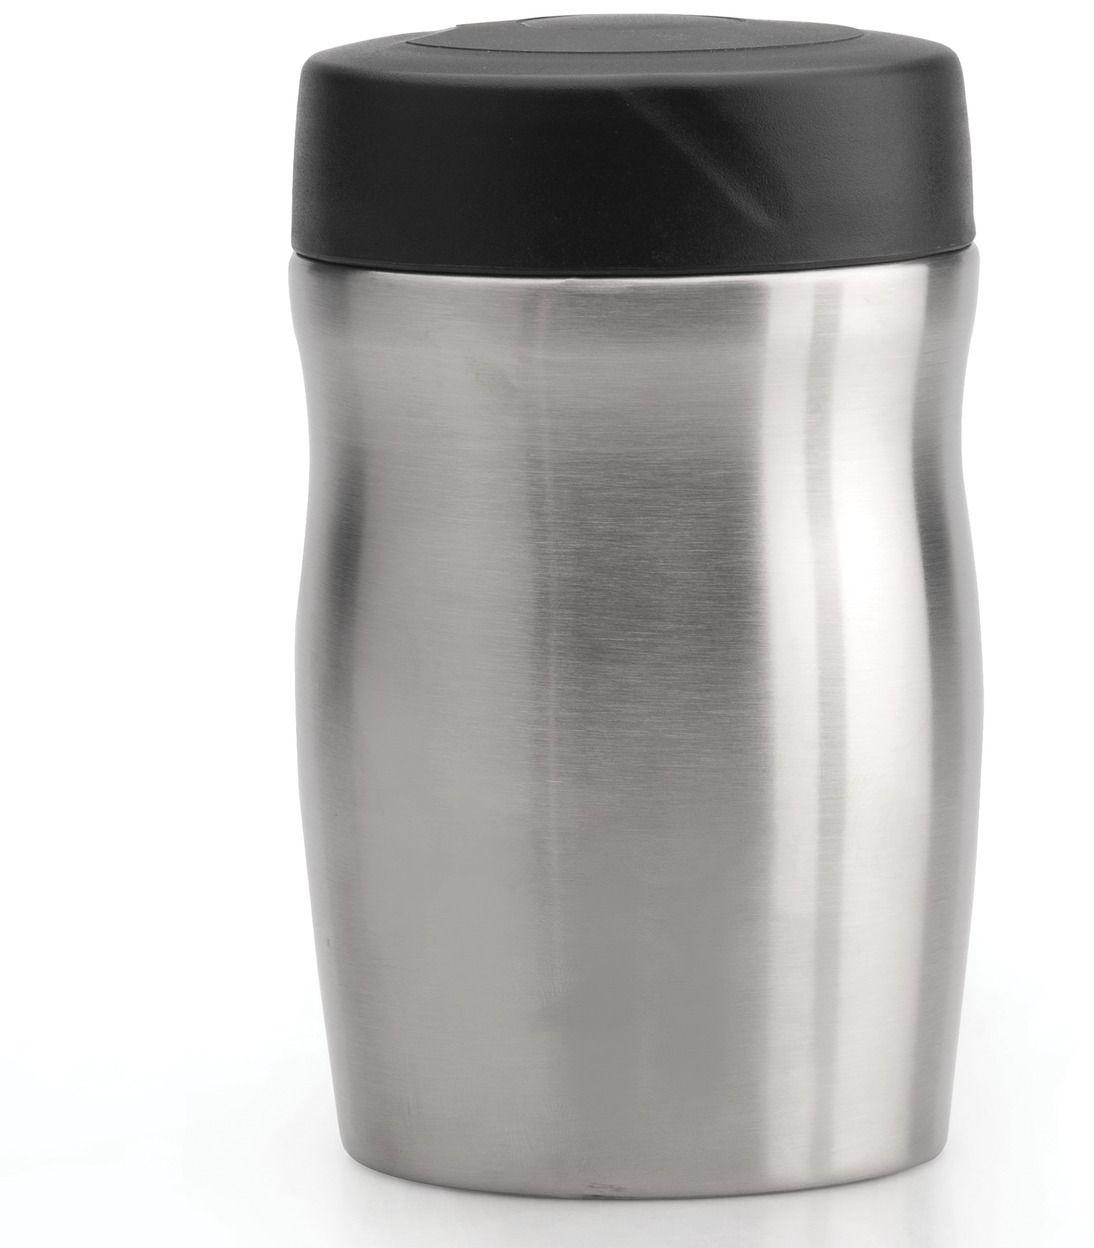 Кухонный термос BergHOFF Cook&Co, 350 мл2801703Кухонный термос BergHOFF Cook&Co очень компактный, но в то же время очень вместительный. Широкое горлышко позволяет легко его наполнять и так же легко есть прямо из него. В таком термосе ваша еда на долгое время останется горячей и ароматной, за счет того, что выполнен он из нержавеющей стали, которая надолго сохраняет тепло. Полированная поверхность обладает защитными свойствами и ее очень легко мыть. Термос будет для вас идеальным выбором для длительных путешествий или просто прогулок.